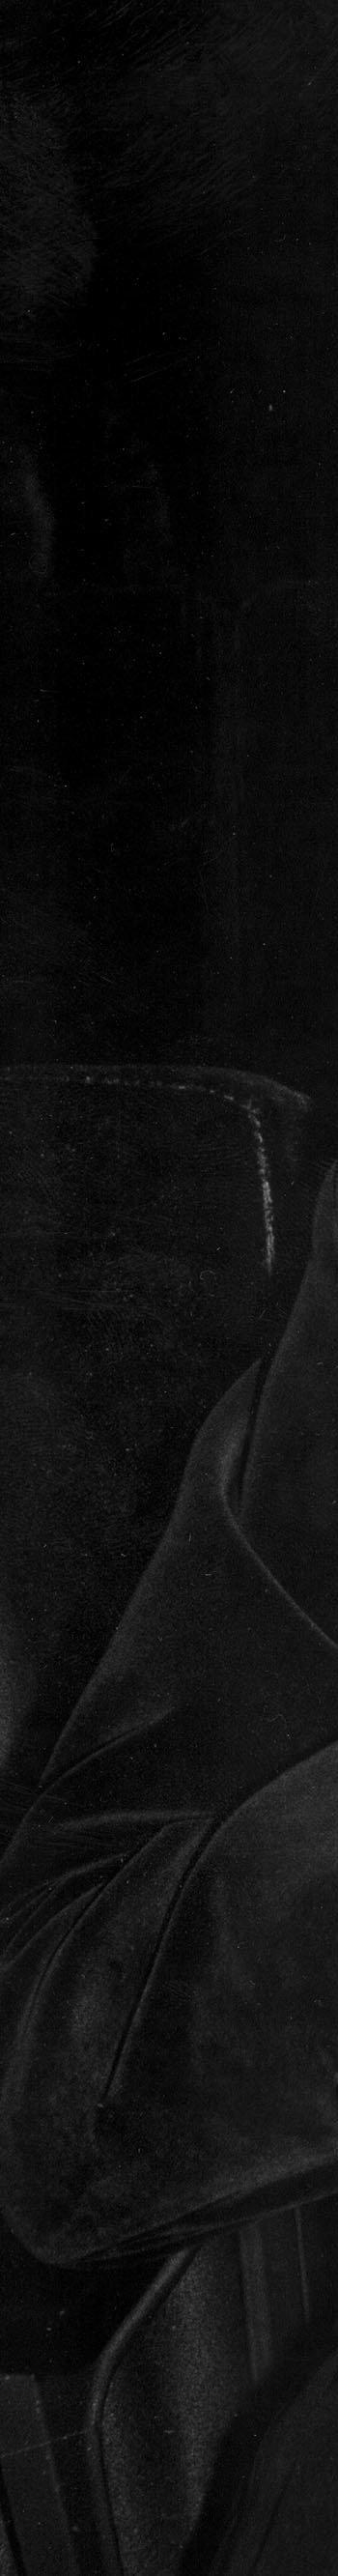 Владимир Набоков, научный гений